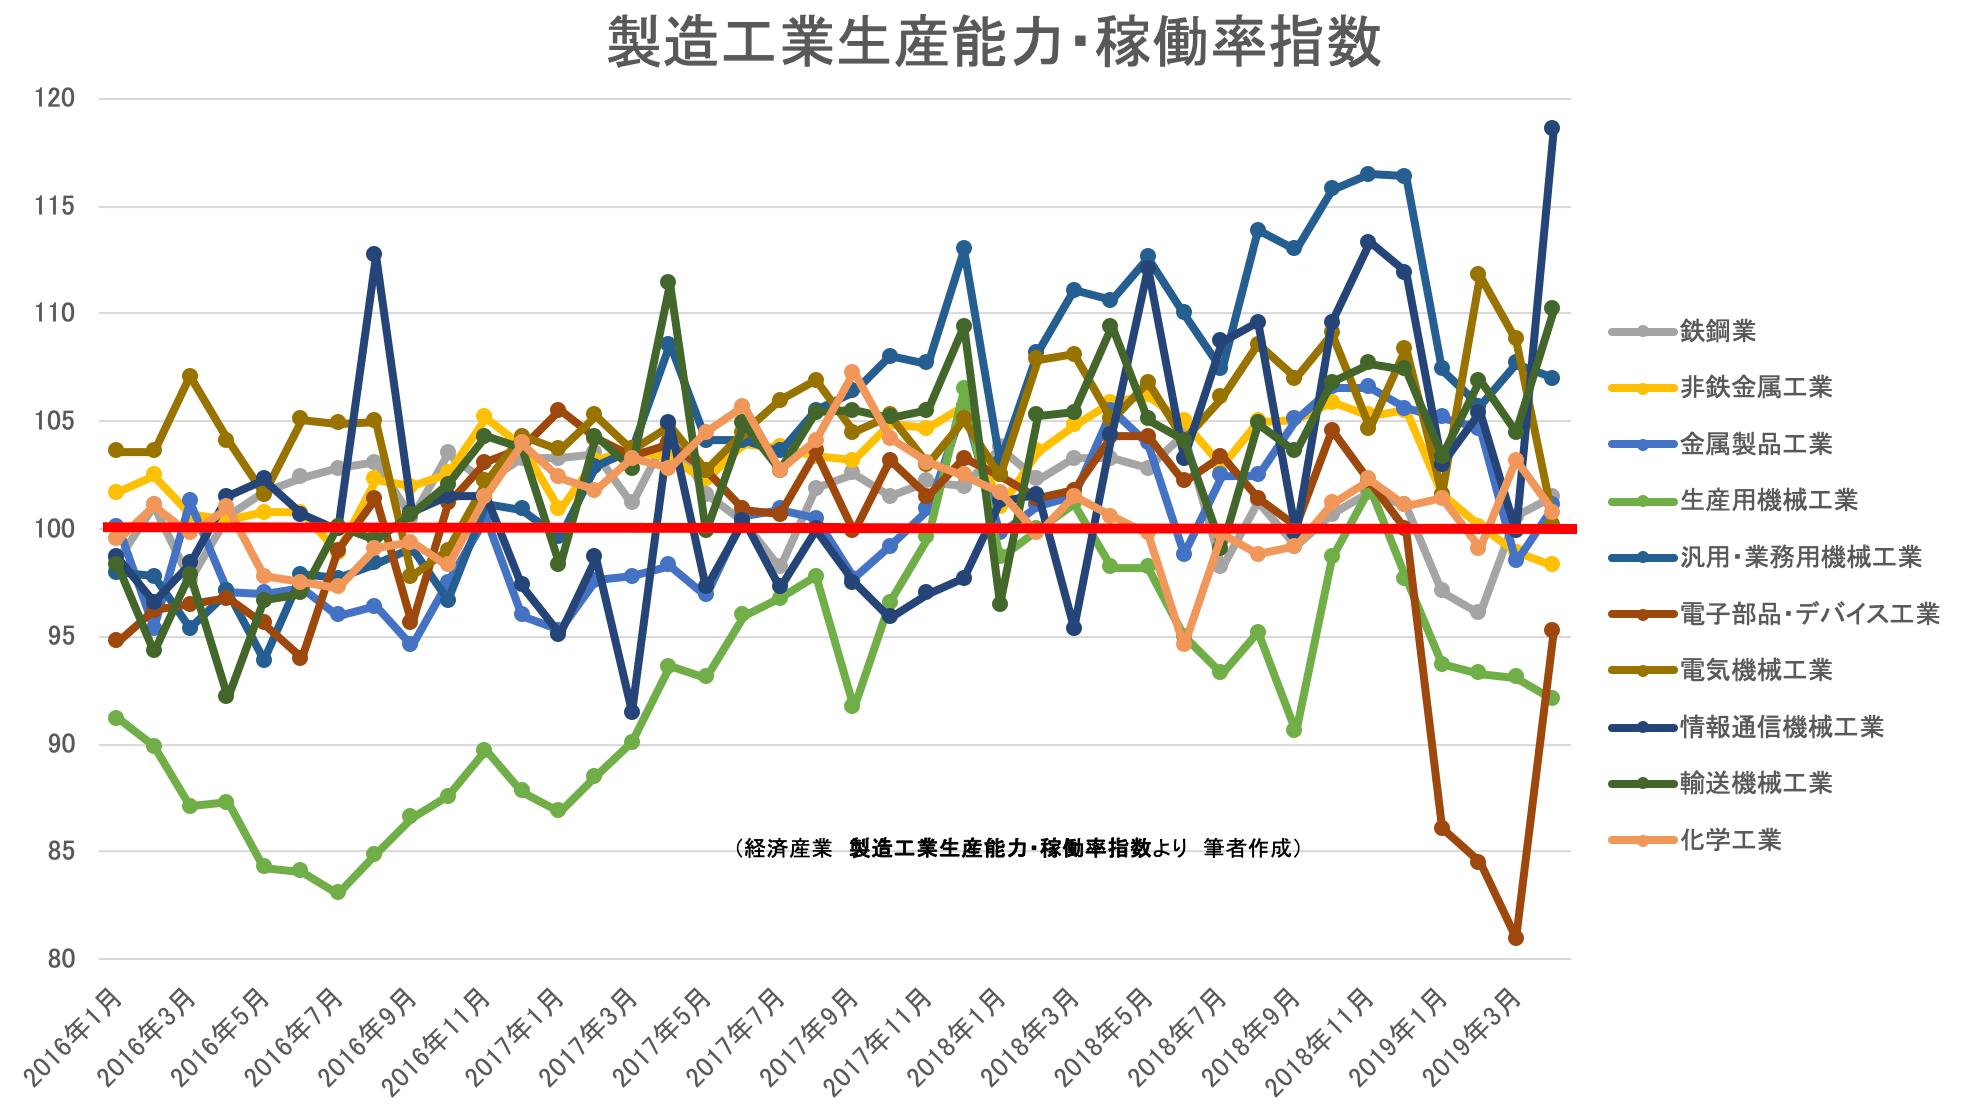 00(20日)★製造工業生産能力・稼働率指数